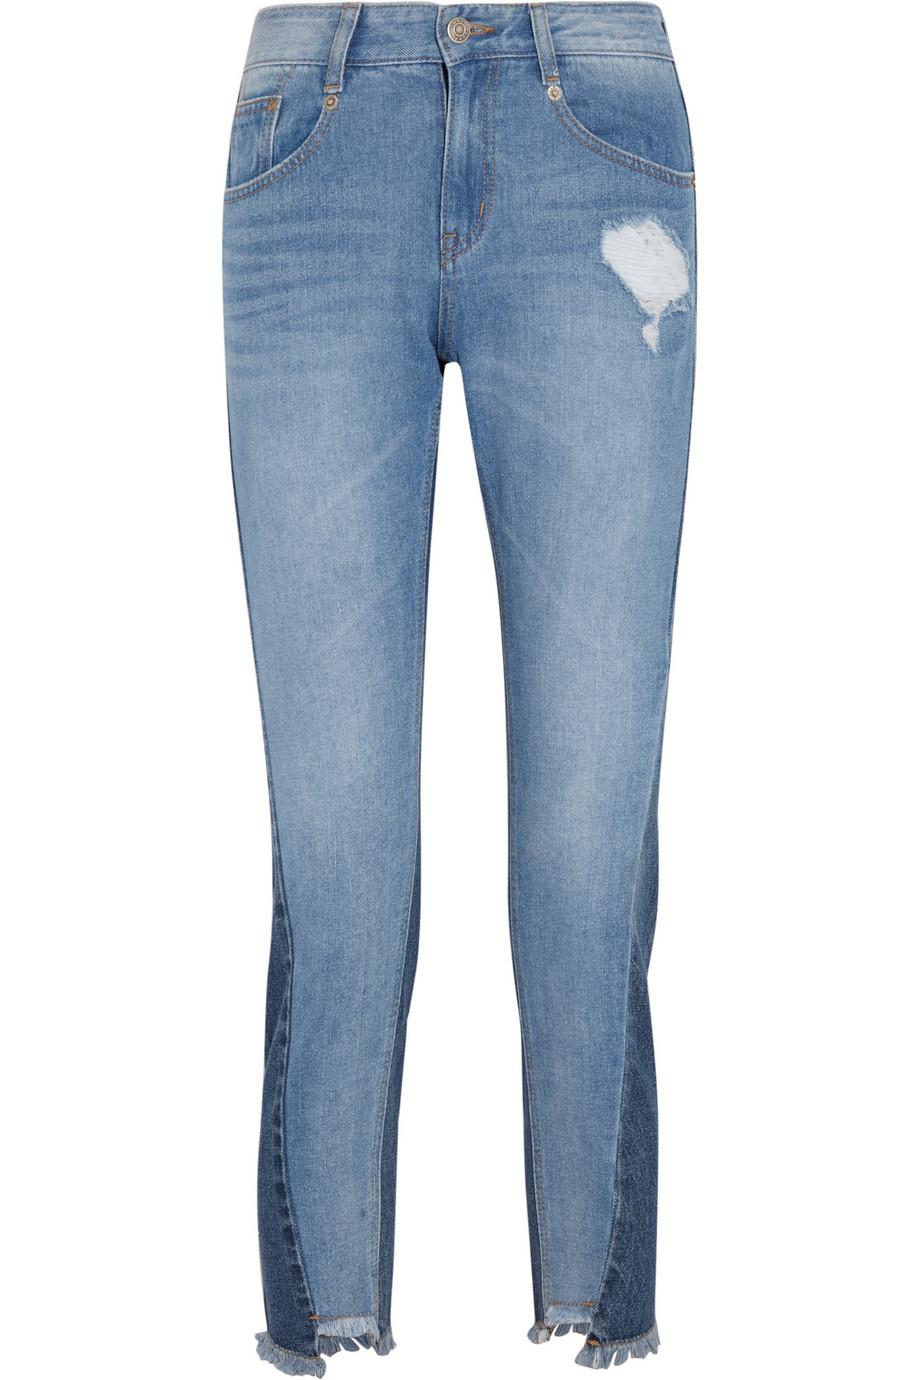 Steve J & Yoni P Distressed Mid-Rise Jeans